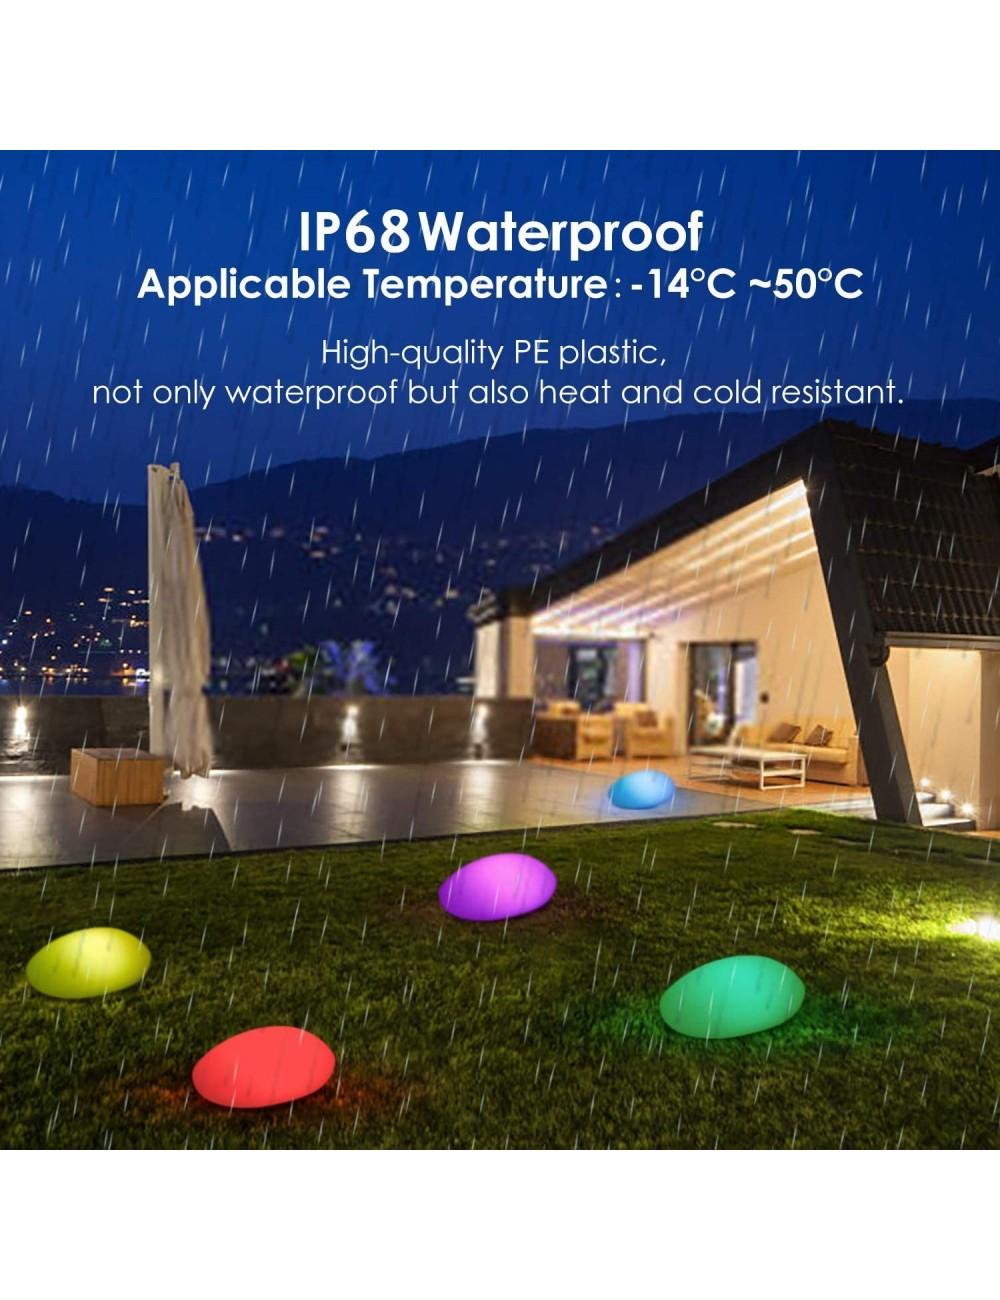 Patio Piscina IP68 Impermeable Luz Solar para C/ésped Iluminaci/ón Exterior LED de Piedra de 40cm L/ámpara Esfera con 8 Colores Ajustables Albrillo RGB Luz Solar de Jard/ín Carga por Solar y USB